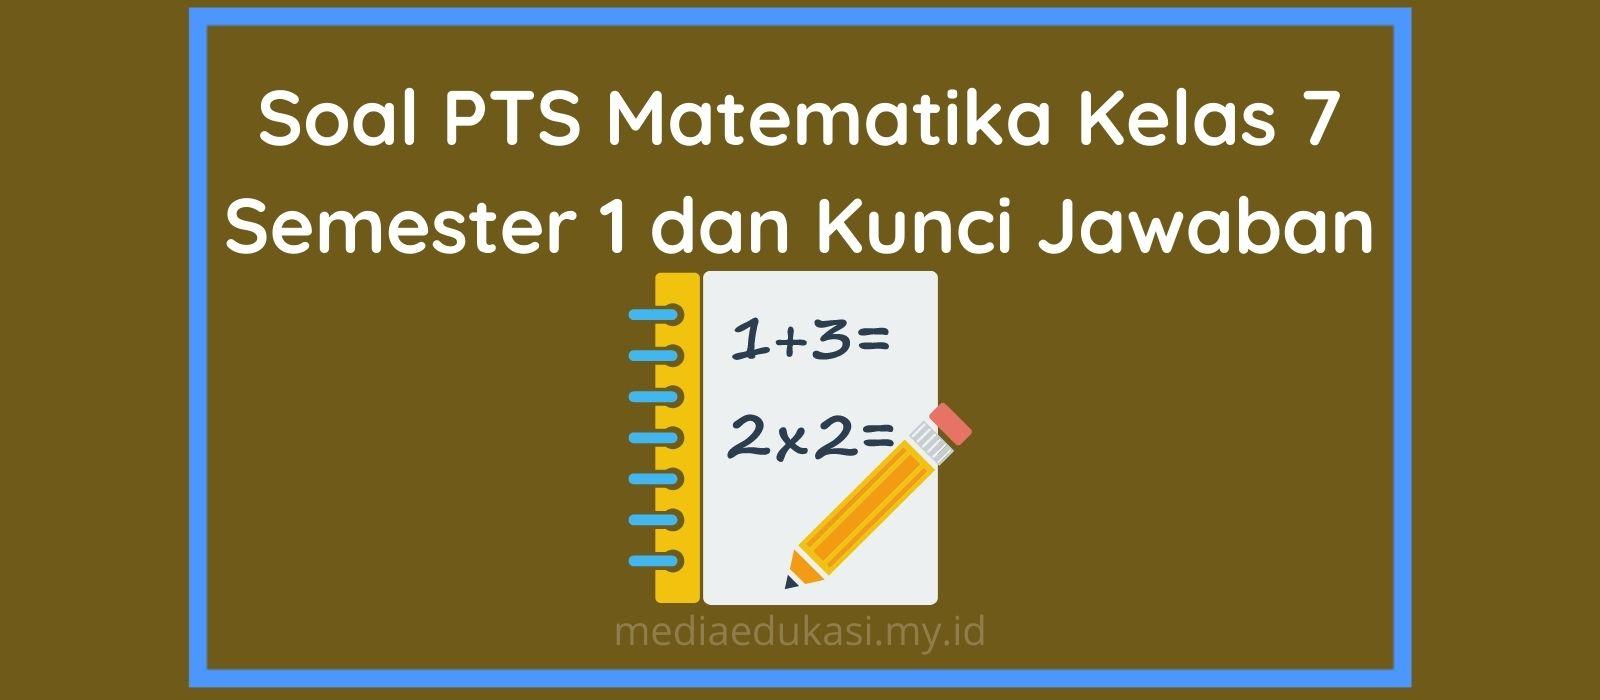 Soal PTS Matematika Kelas 7 Semester 1 dan Kunci Jawaban